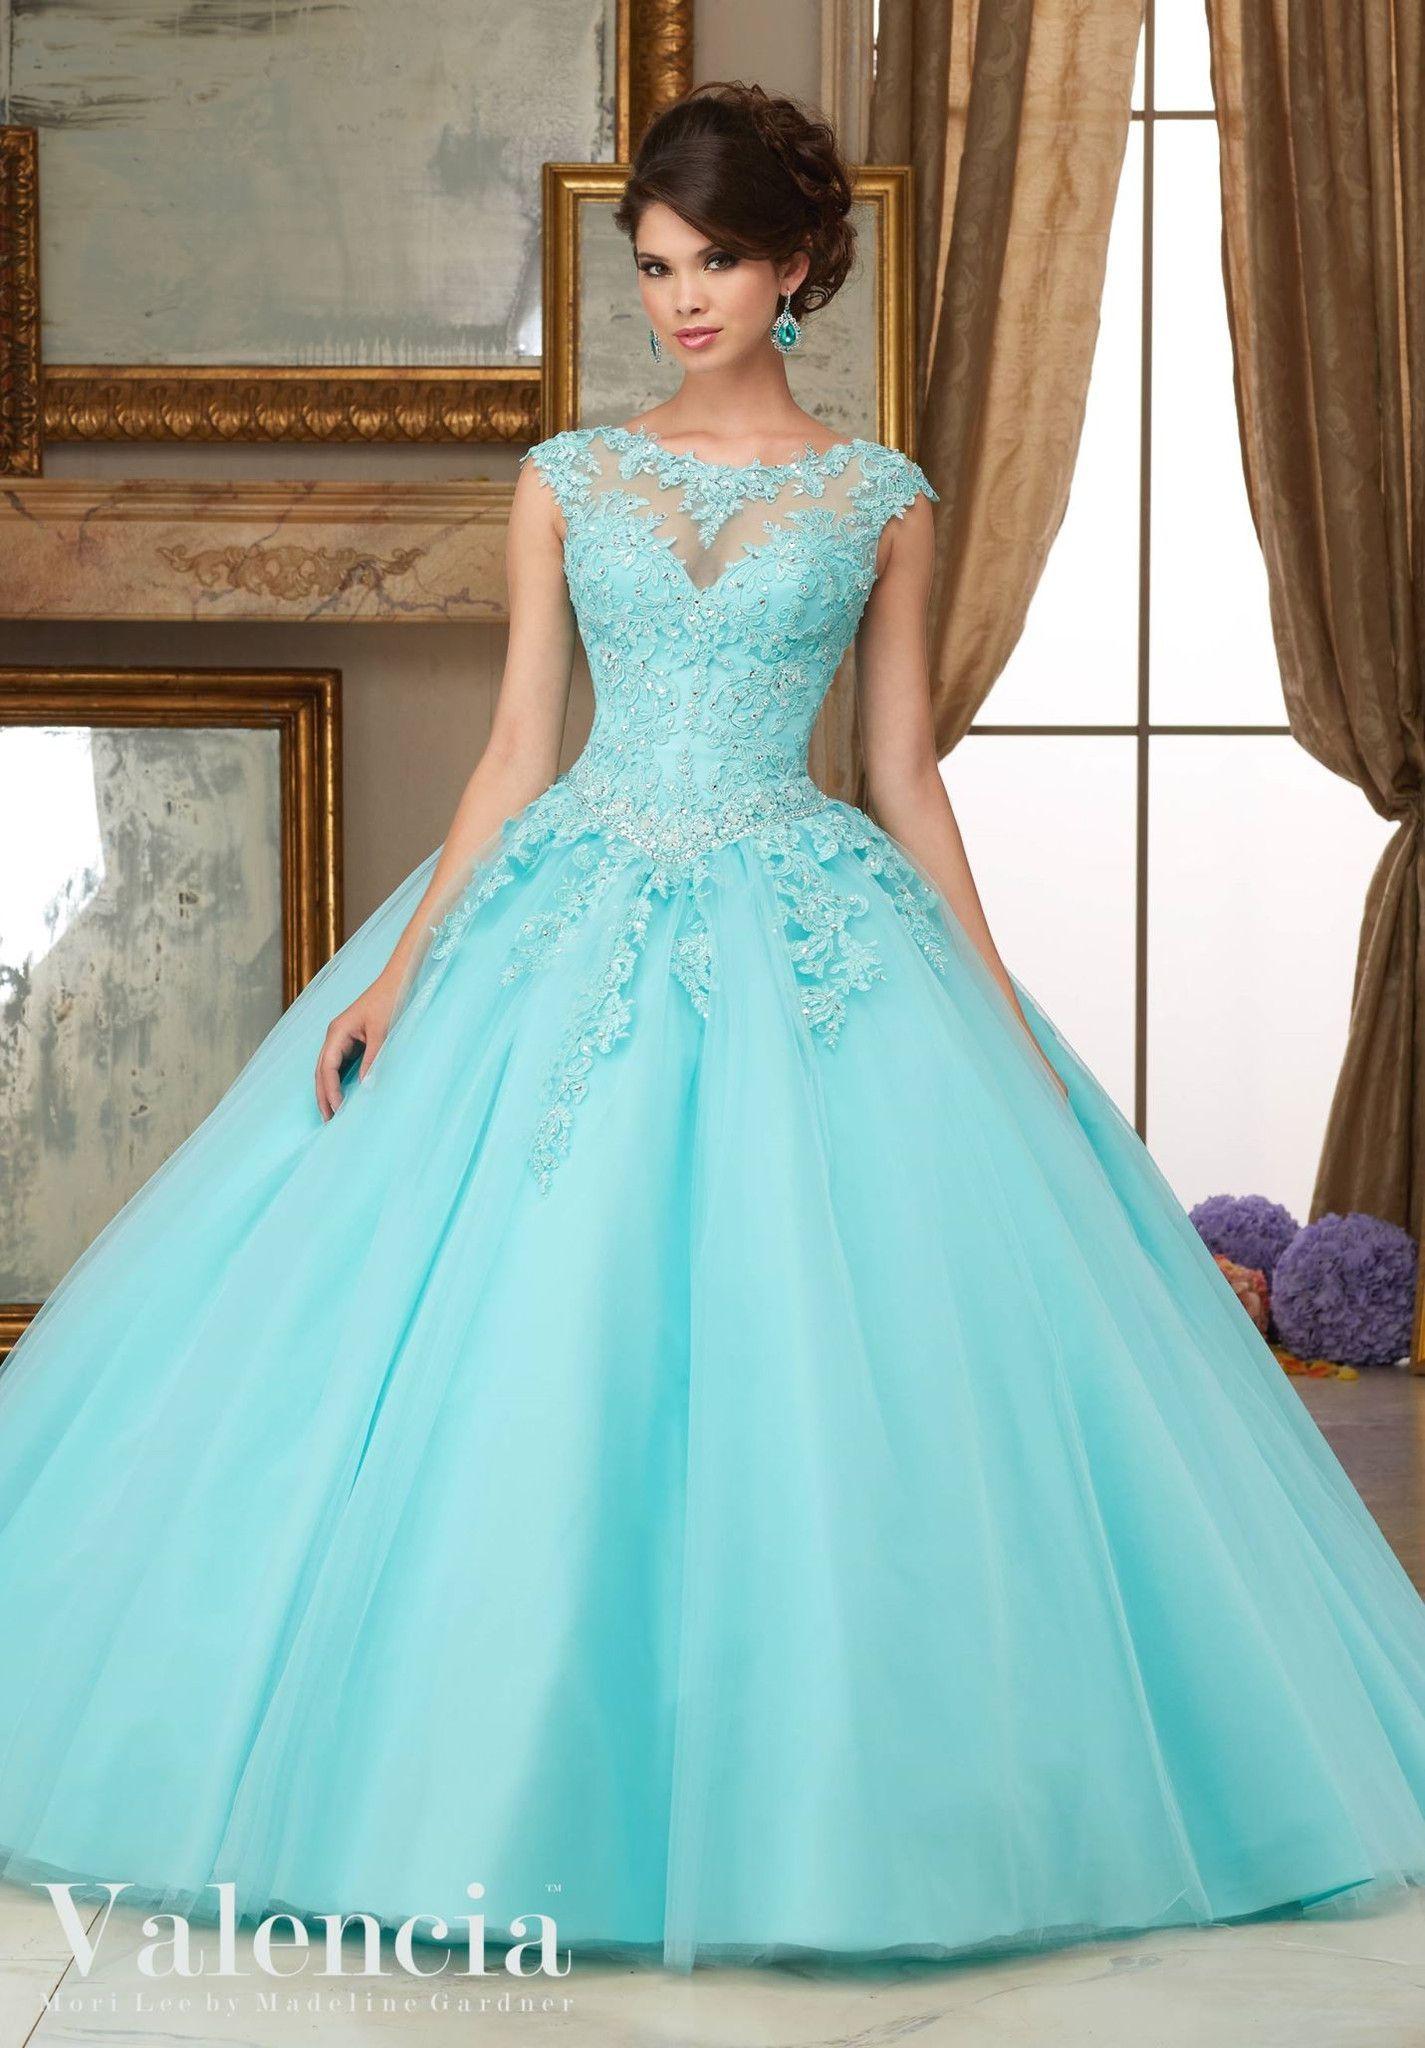 16f5b9db0dc Imagen relacionada Blue Quinceanera Dresses